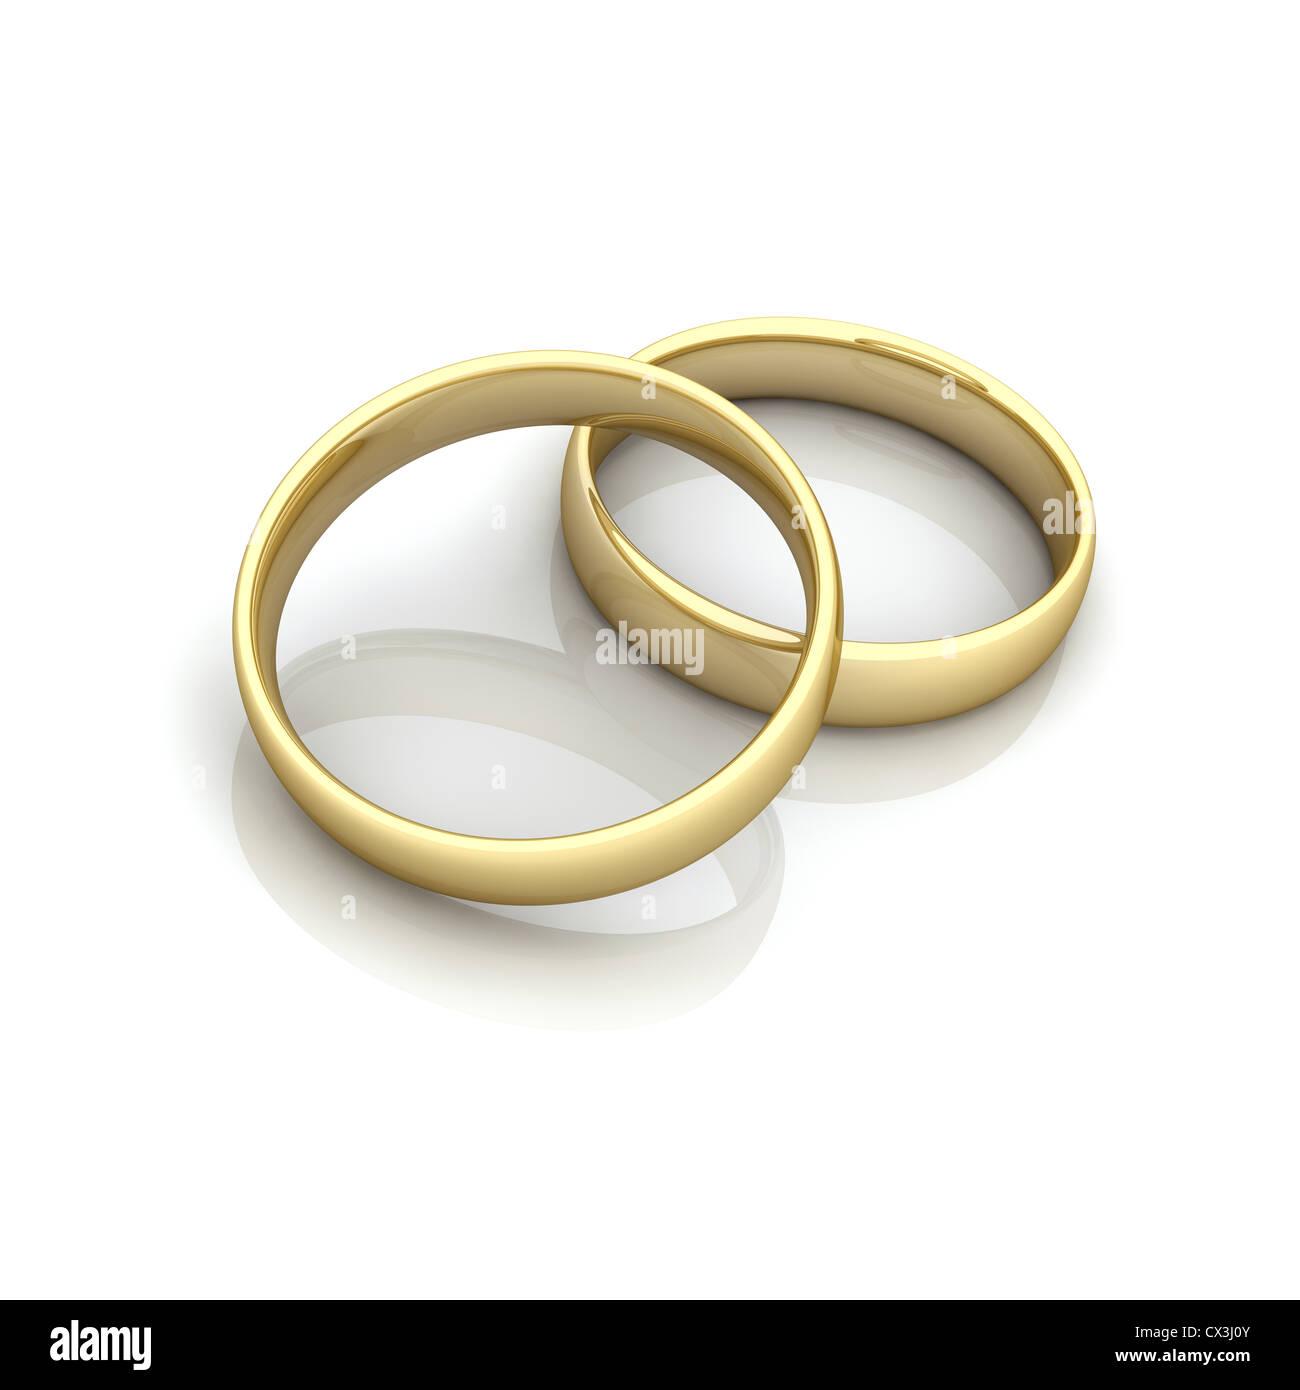 2 Ringe beieinander, simbolo für fusione / Heirat - 2 anelli, simbolo per il matrimonio / Fusion Immagini Stock